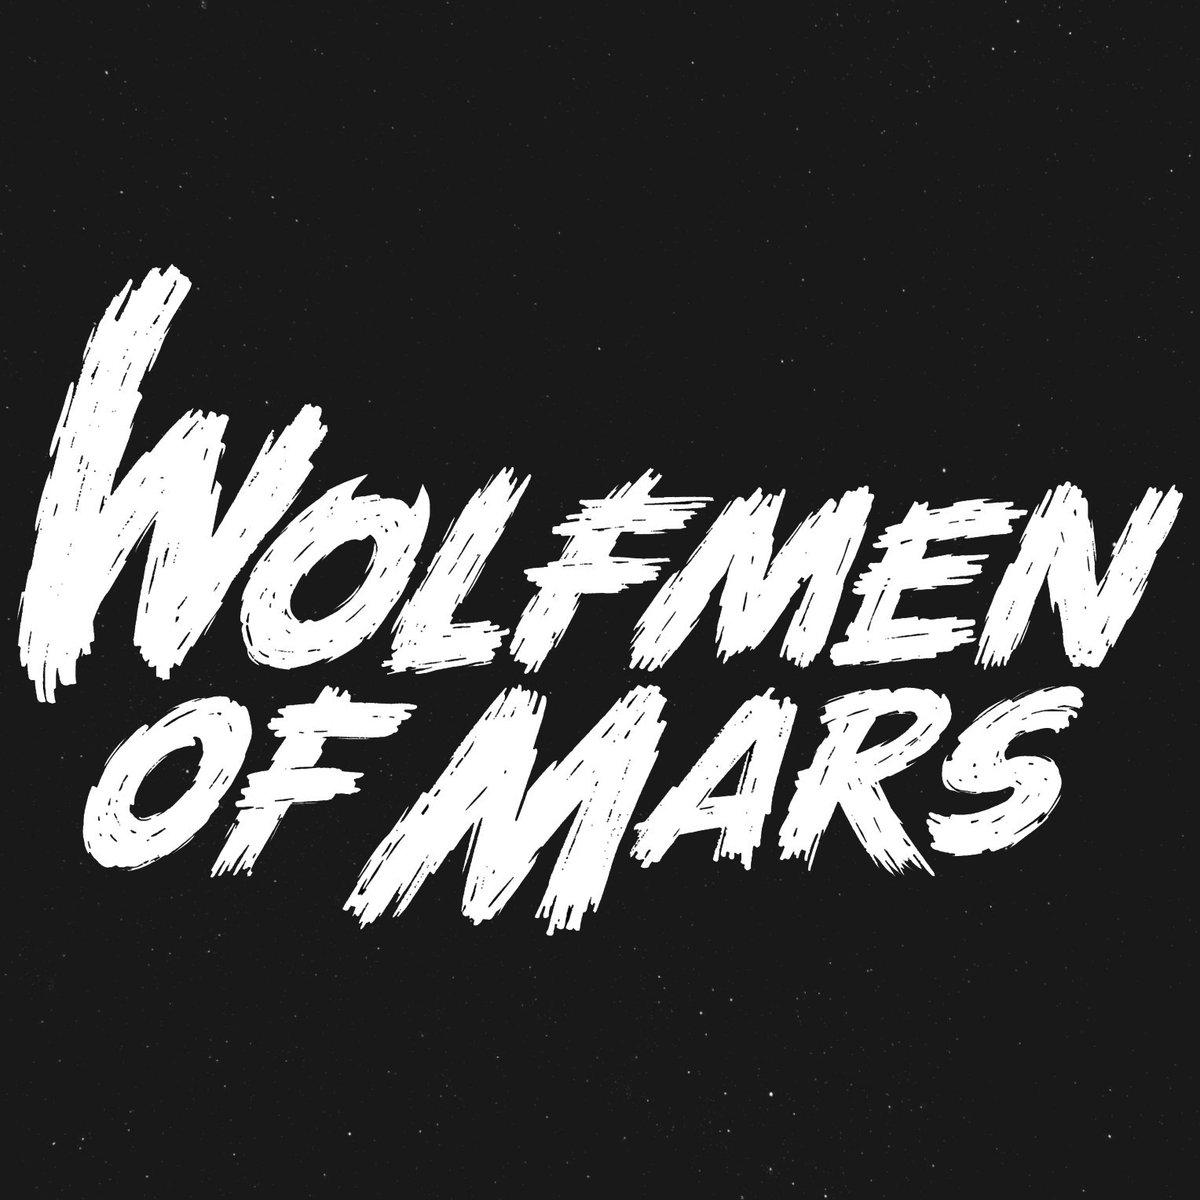 wolfmen 1 - TOP